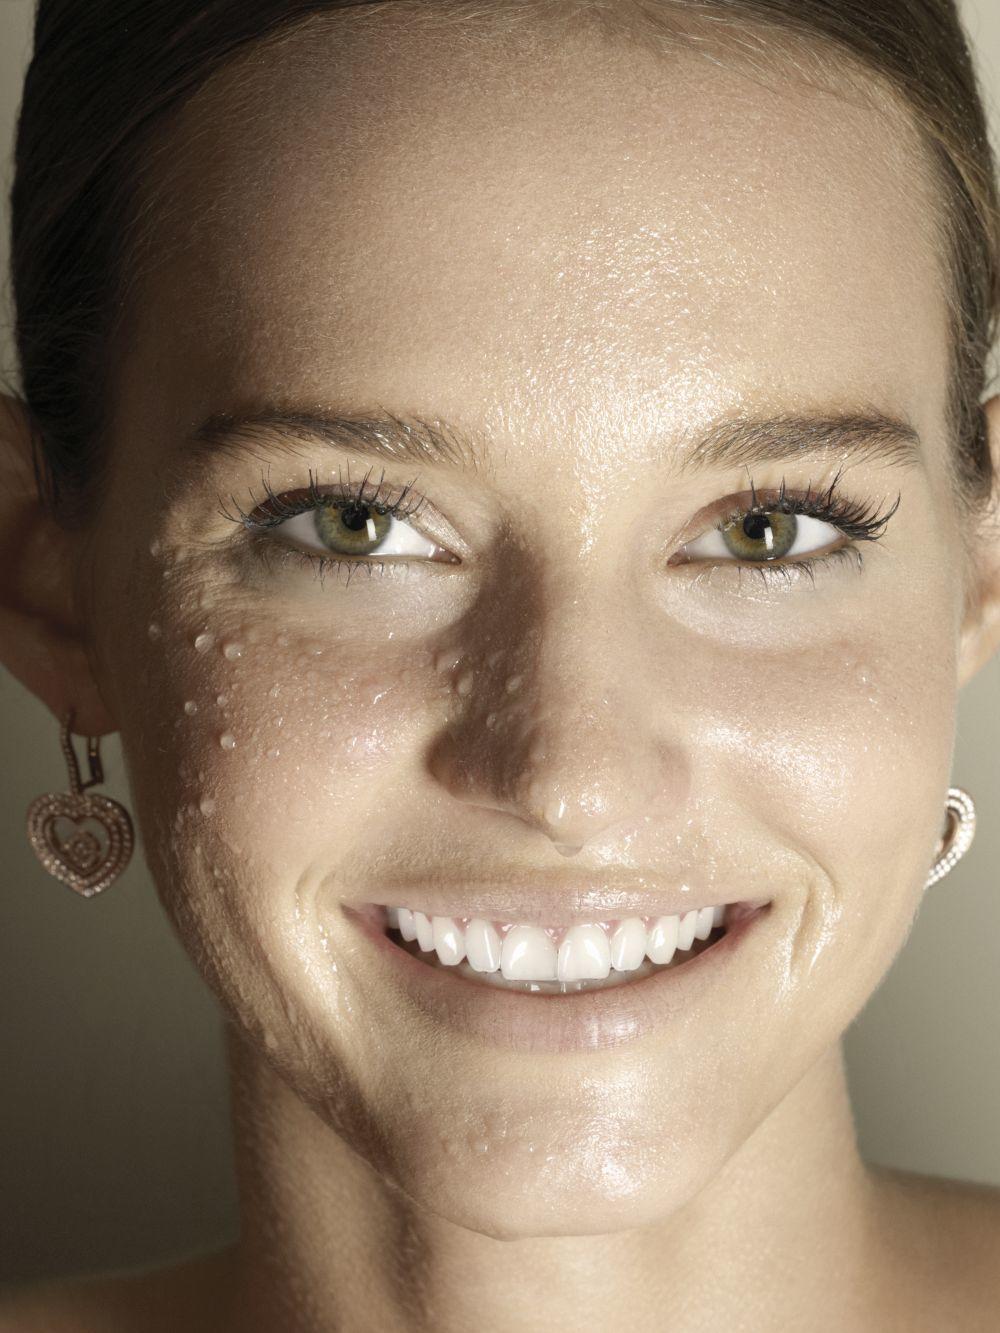 Los tónicos regulan el pH, minimizan los poros, retiran los últimos restos de suciedad ayudando a recuperar la barrera hidrolipídica y ayudando a calmarla, a reforzarla y a preparar nuestra piel del rostro.